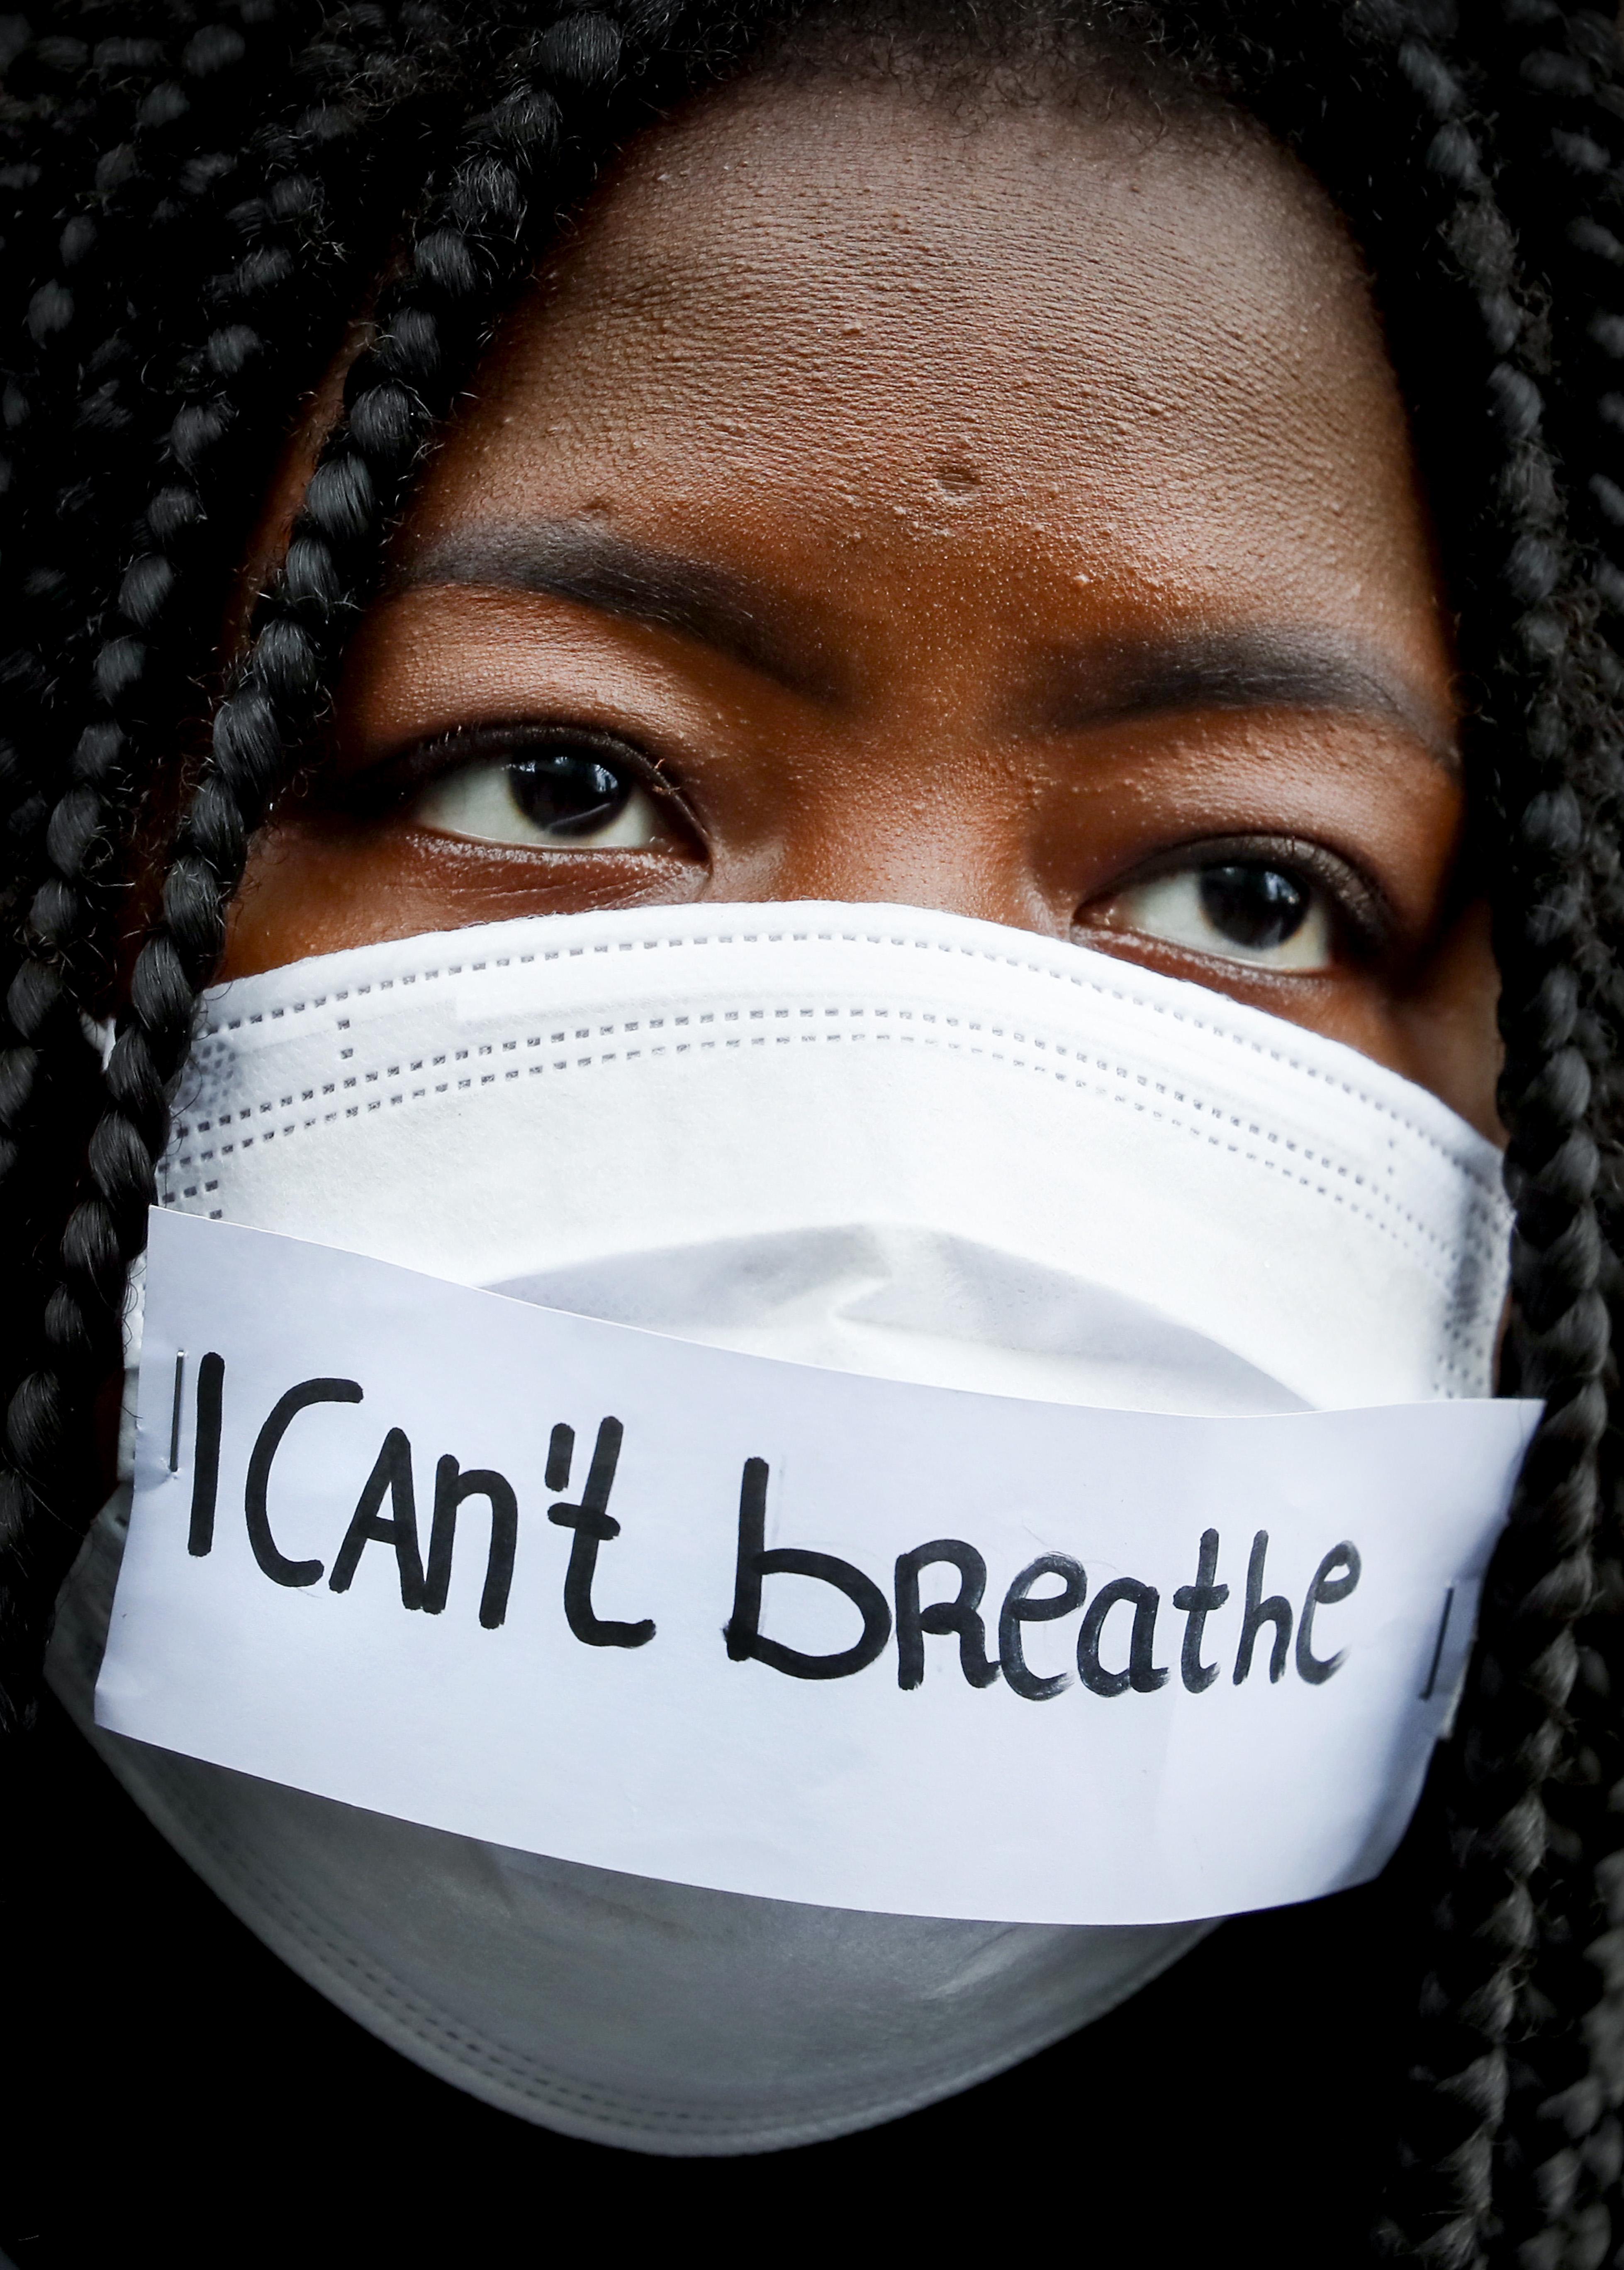 Foto van een demonstratie met een mondkapje met de tekst I can't breathe